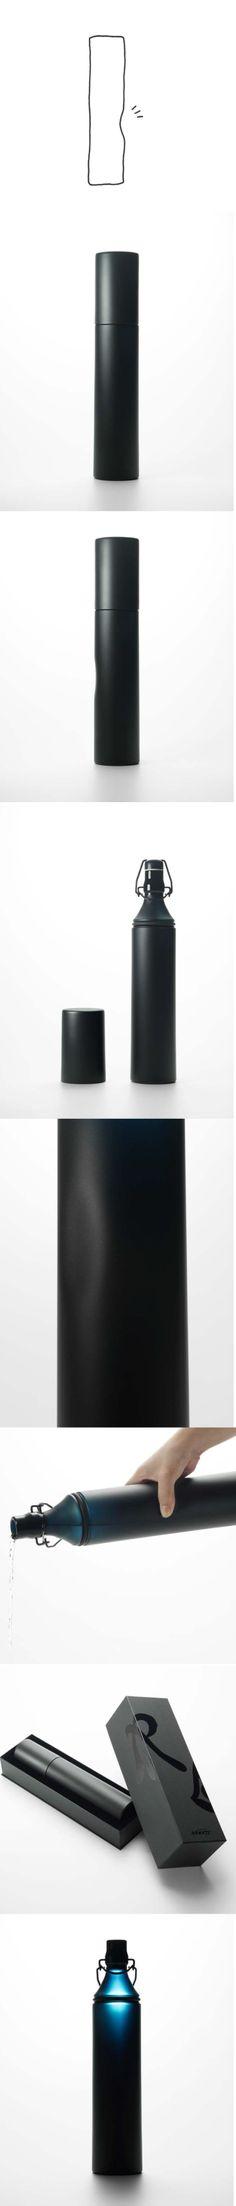 N Bottle by Nendo for Nakata Hidetoshi Matte black sake bottle cylinder with slight dimple on side for hand rest. Cool Packaging, Bottle Packaging, Packaging Design, Sake Bottle, Welcome To My House, Water Bottle Design, Design Process, Kitchenware, Tableware